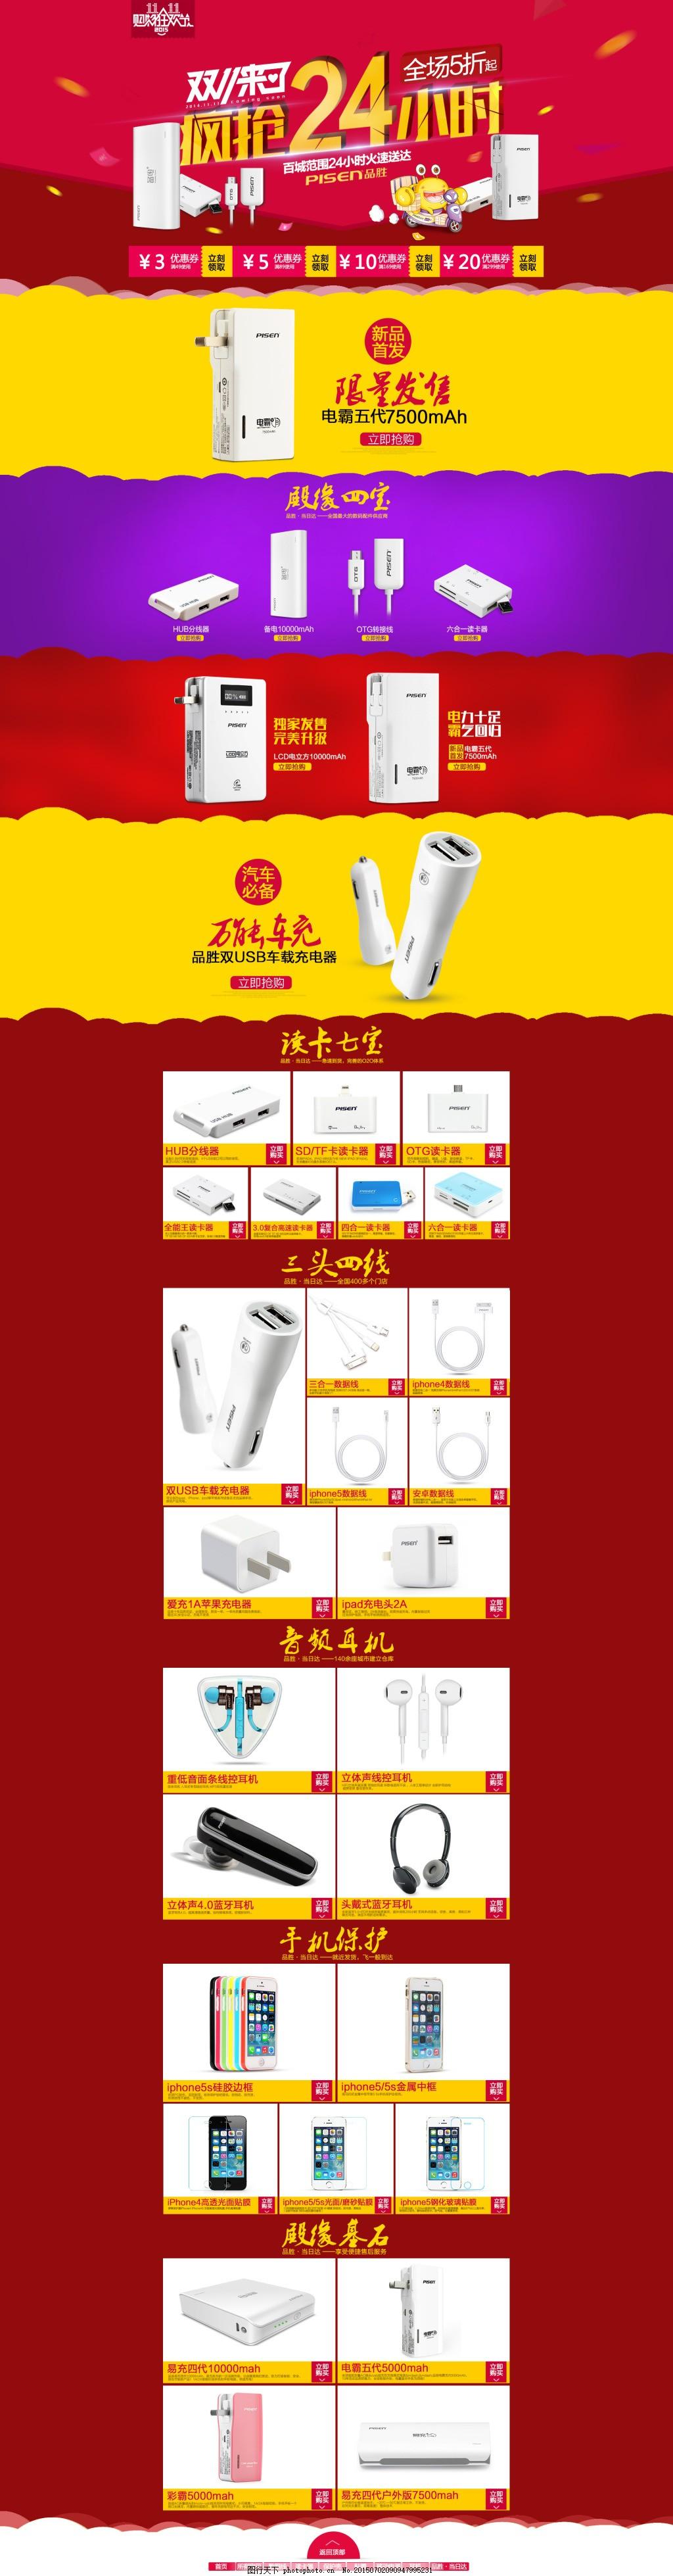 2015天猫电器双十一抢购首页装修模板 天猫双十一店铺模板 双十一首页模板